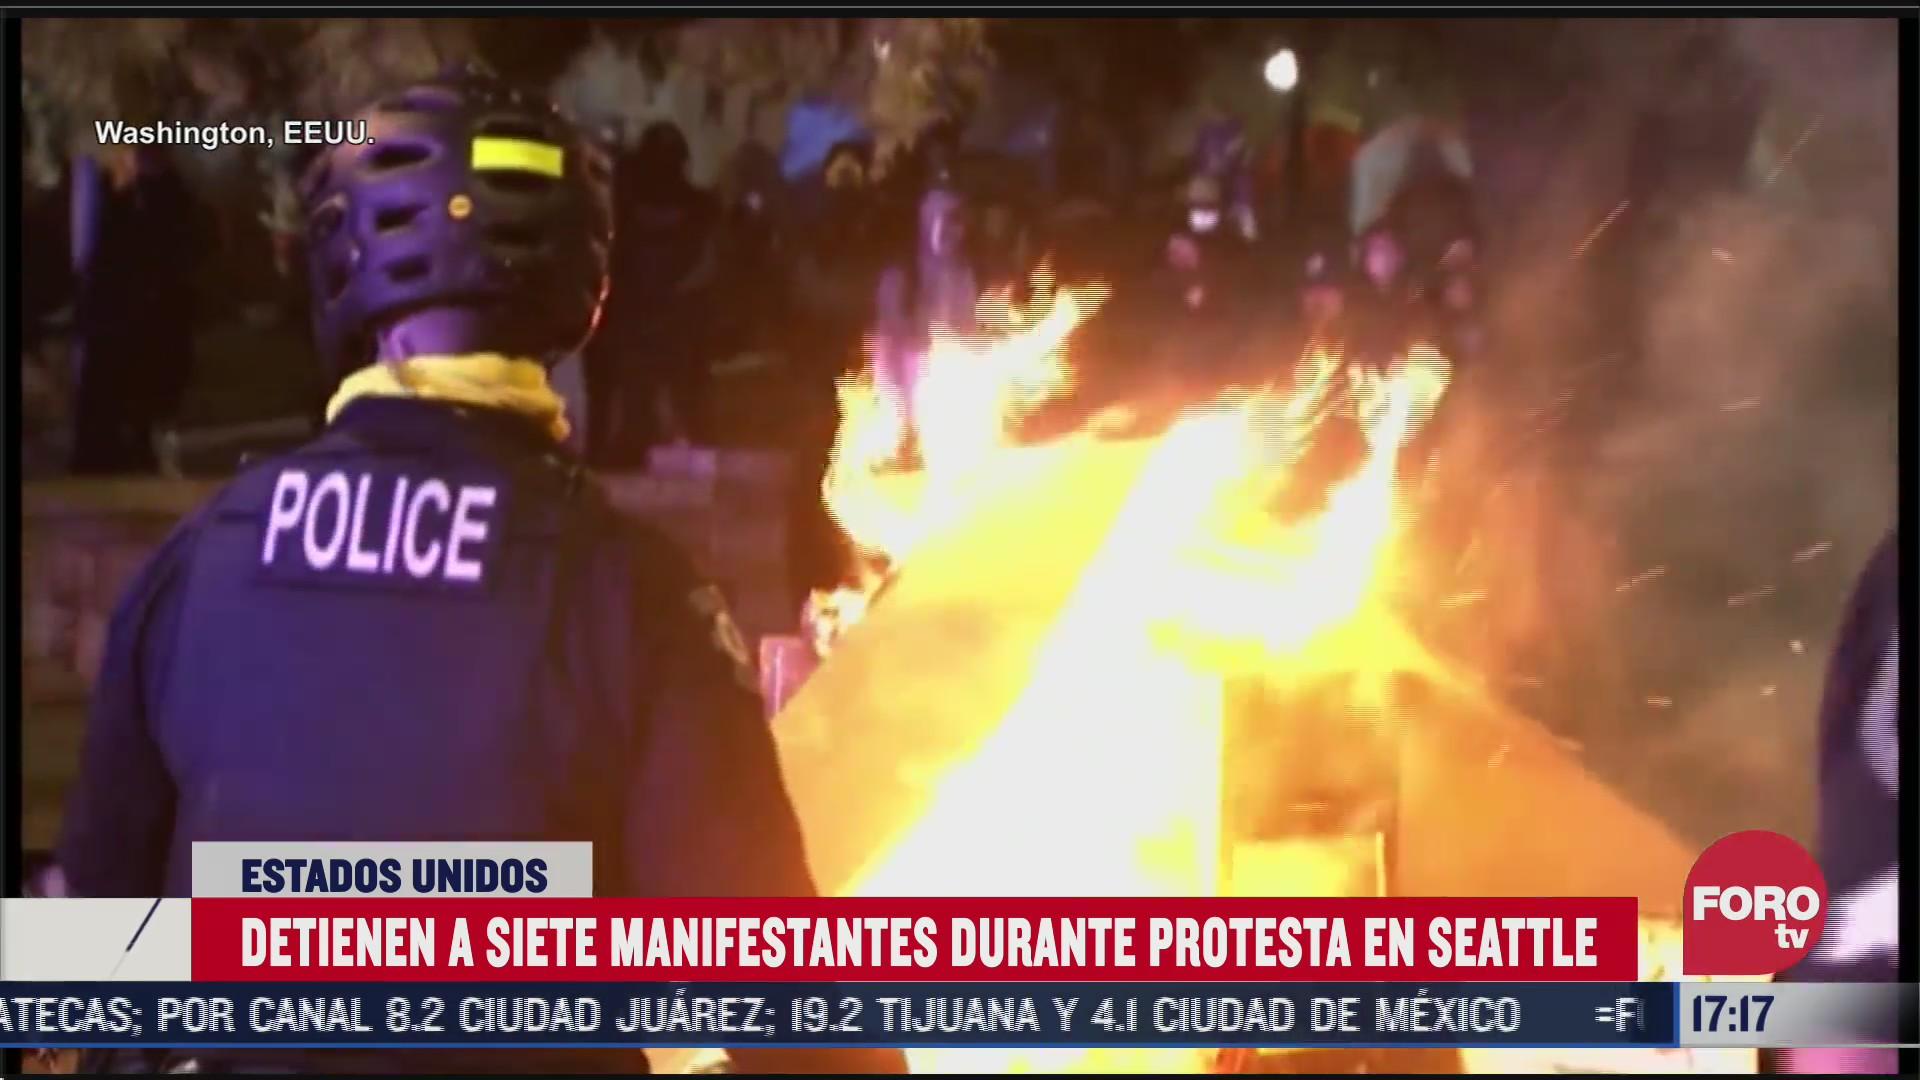 disturbios en seattle tras protesta contra violencia policial